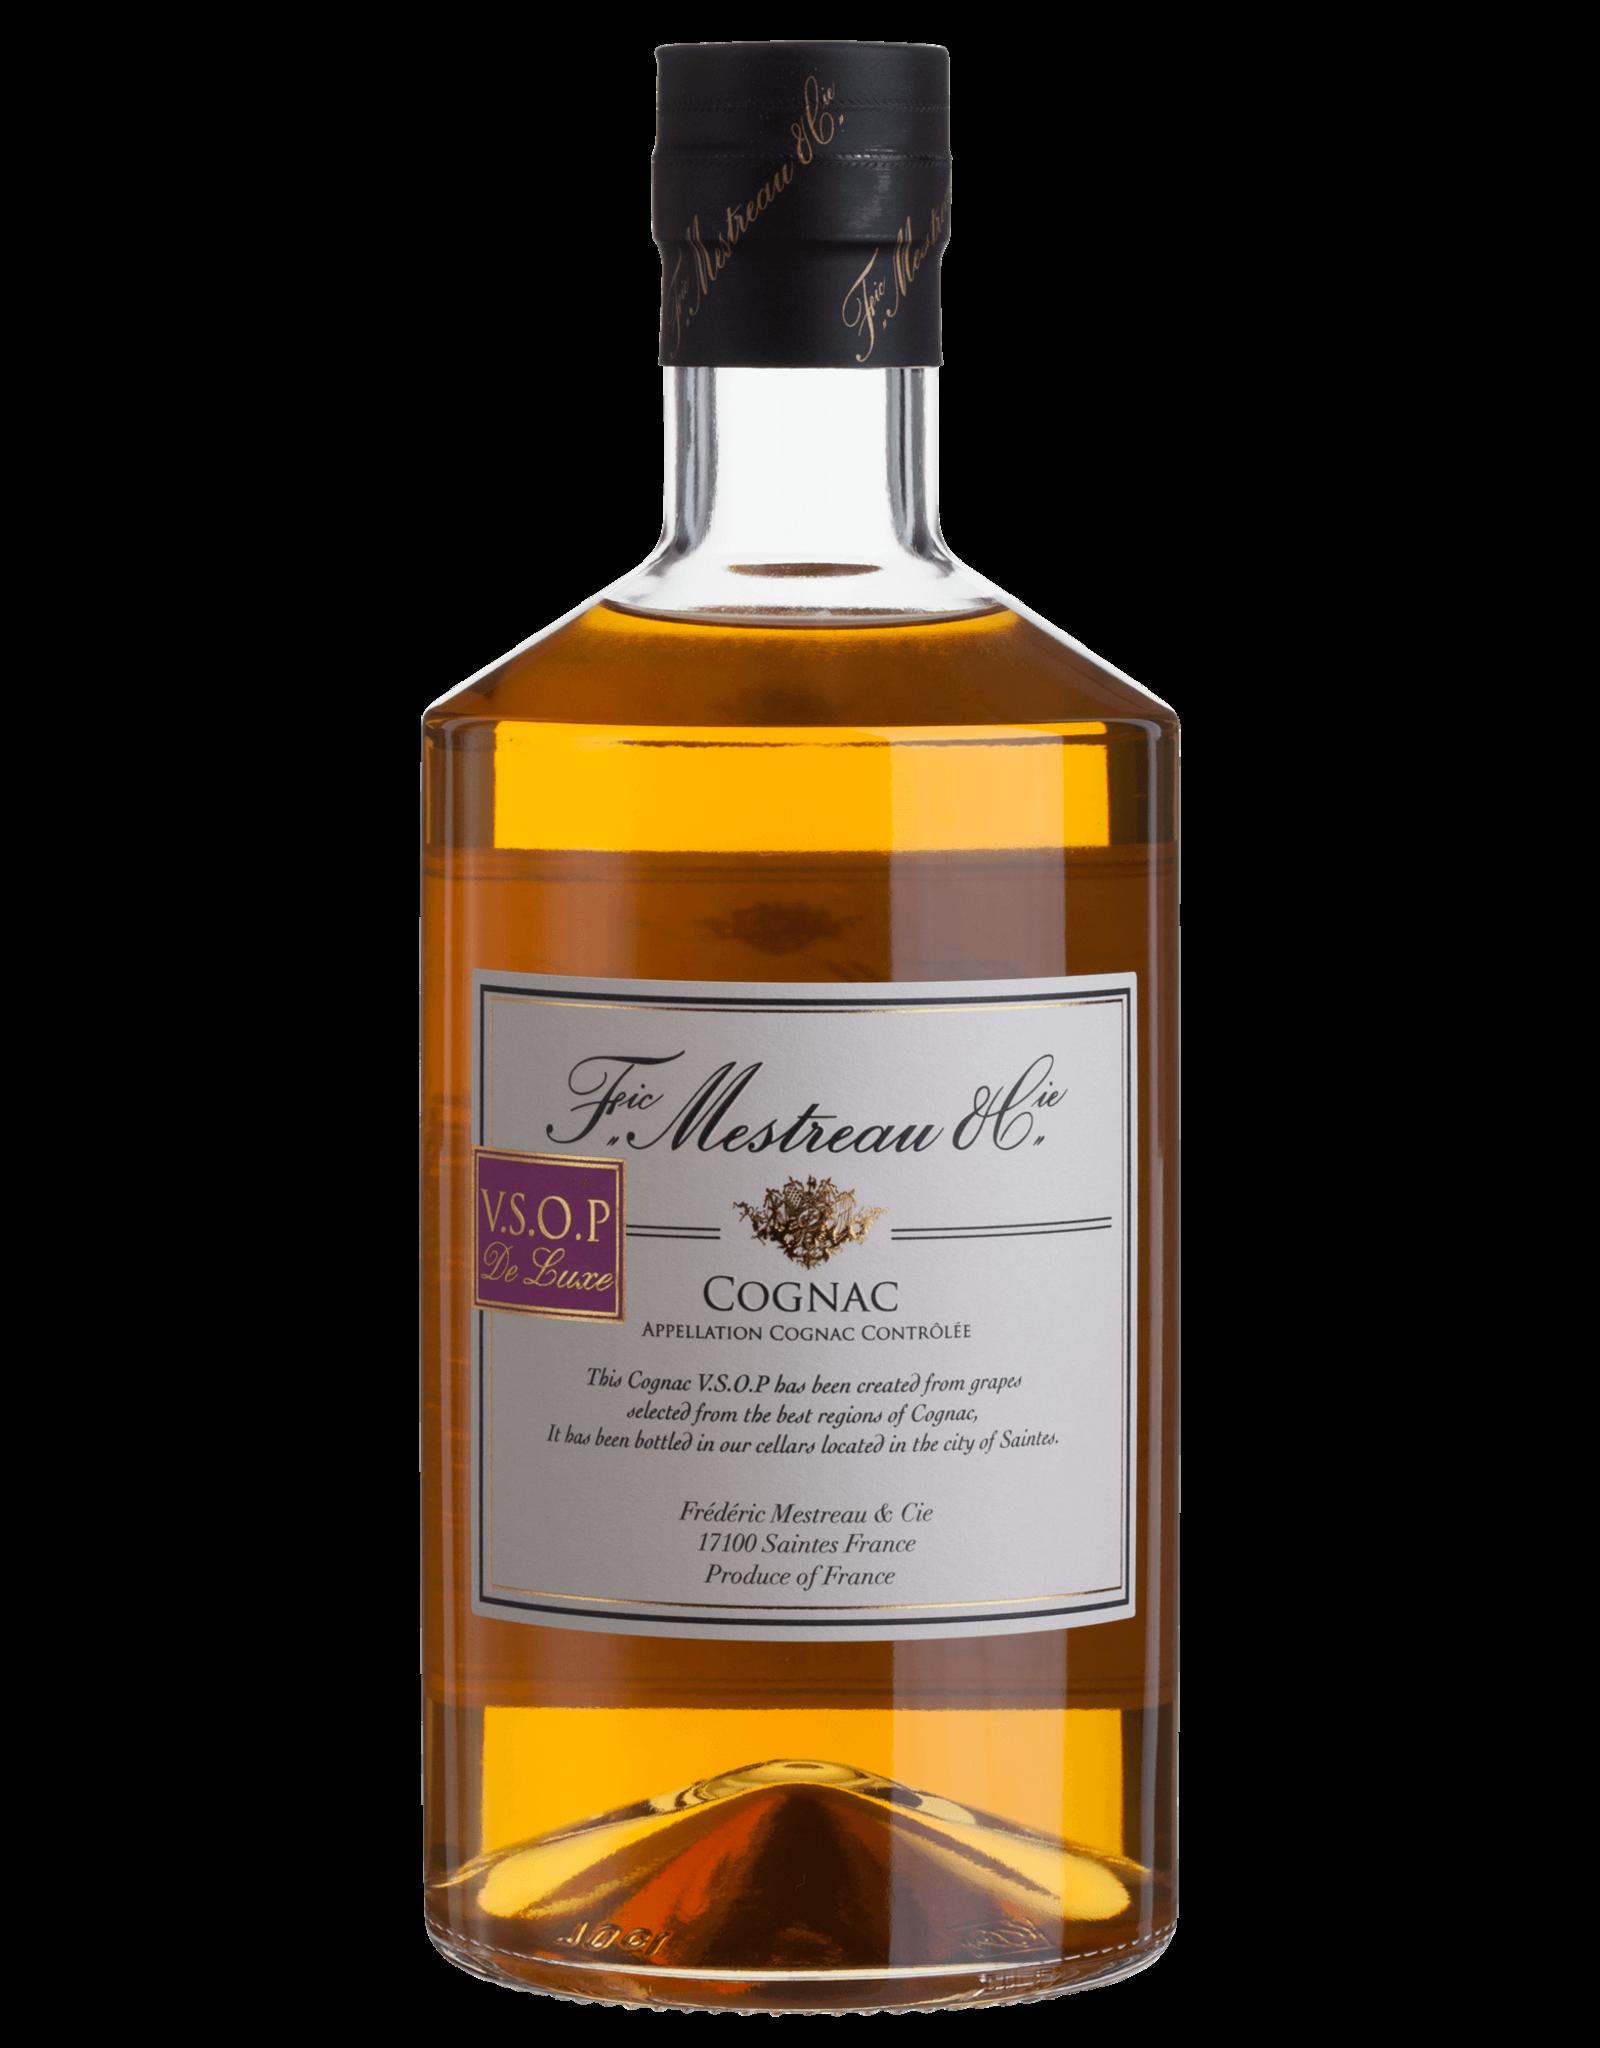 Proef Mestreau & Cie - Cognac V.S.O.P.